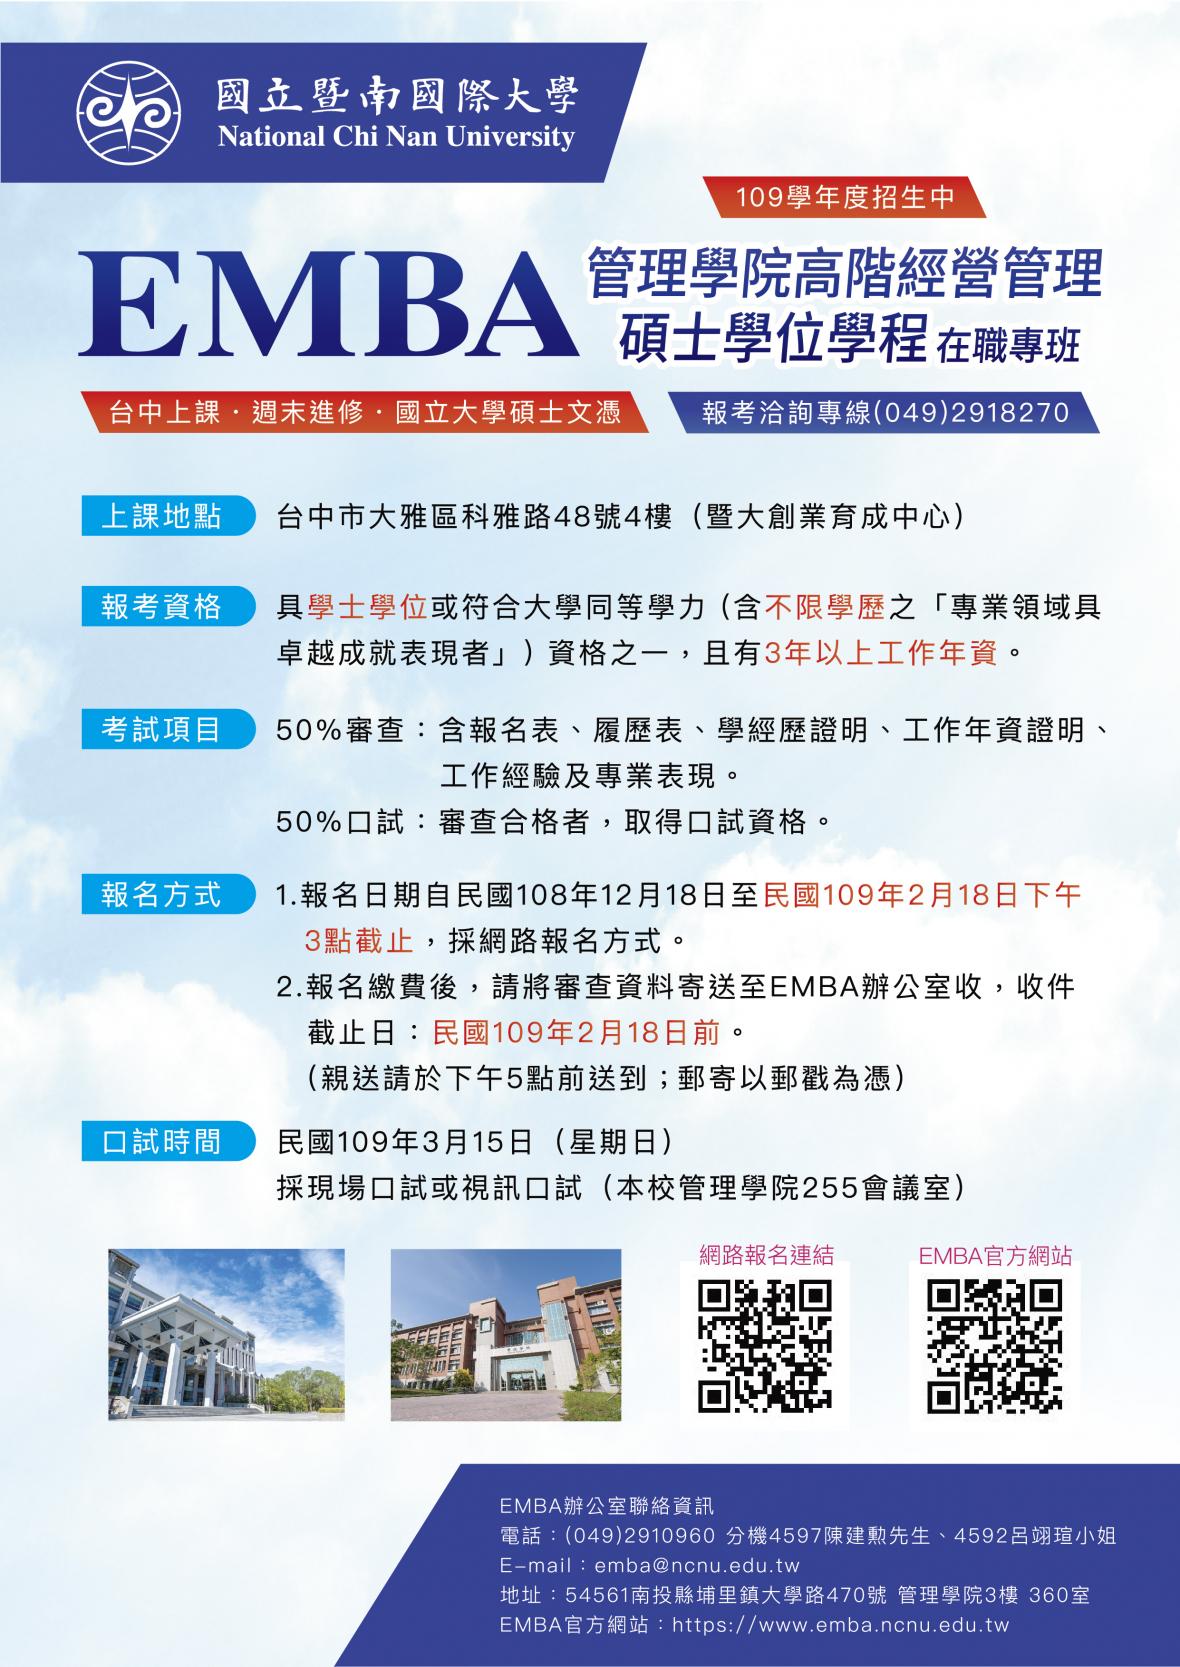 暨大EMBA境內班招生海報-20191203-建勲